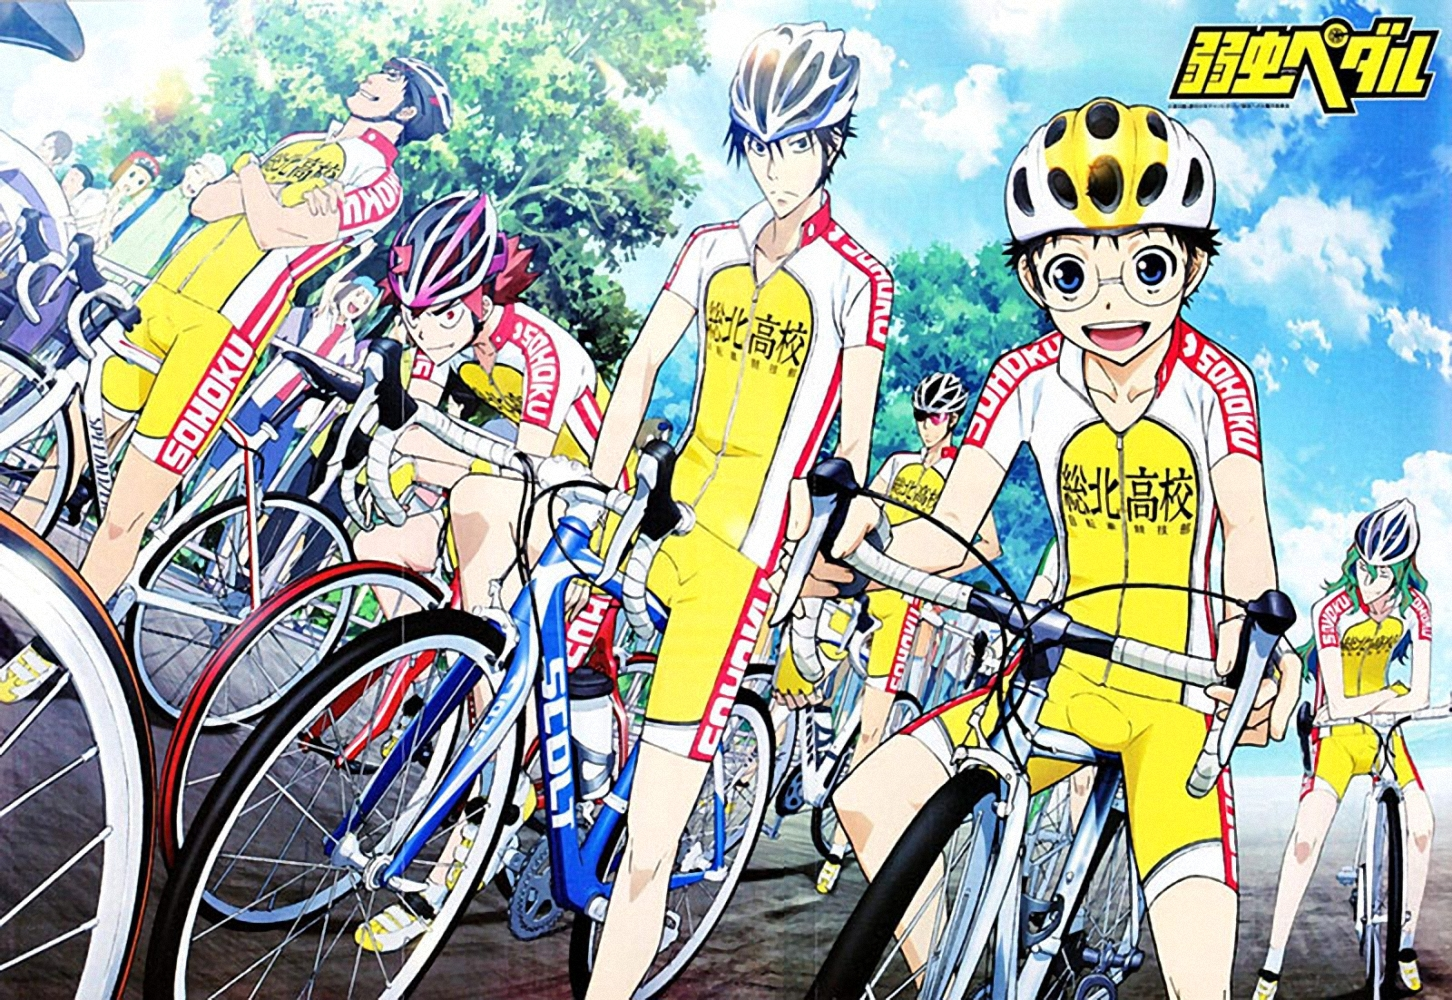 Yowamushi Pedal S3 3   episode 03 episode 1  VOSTFR